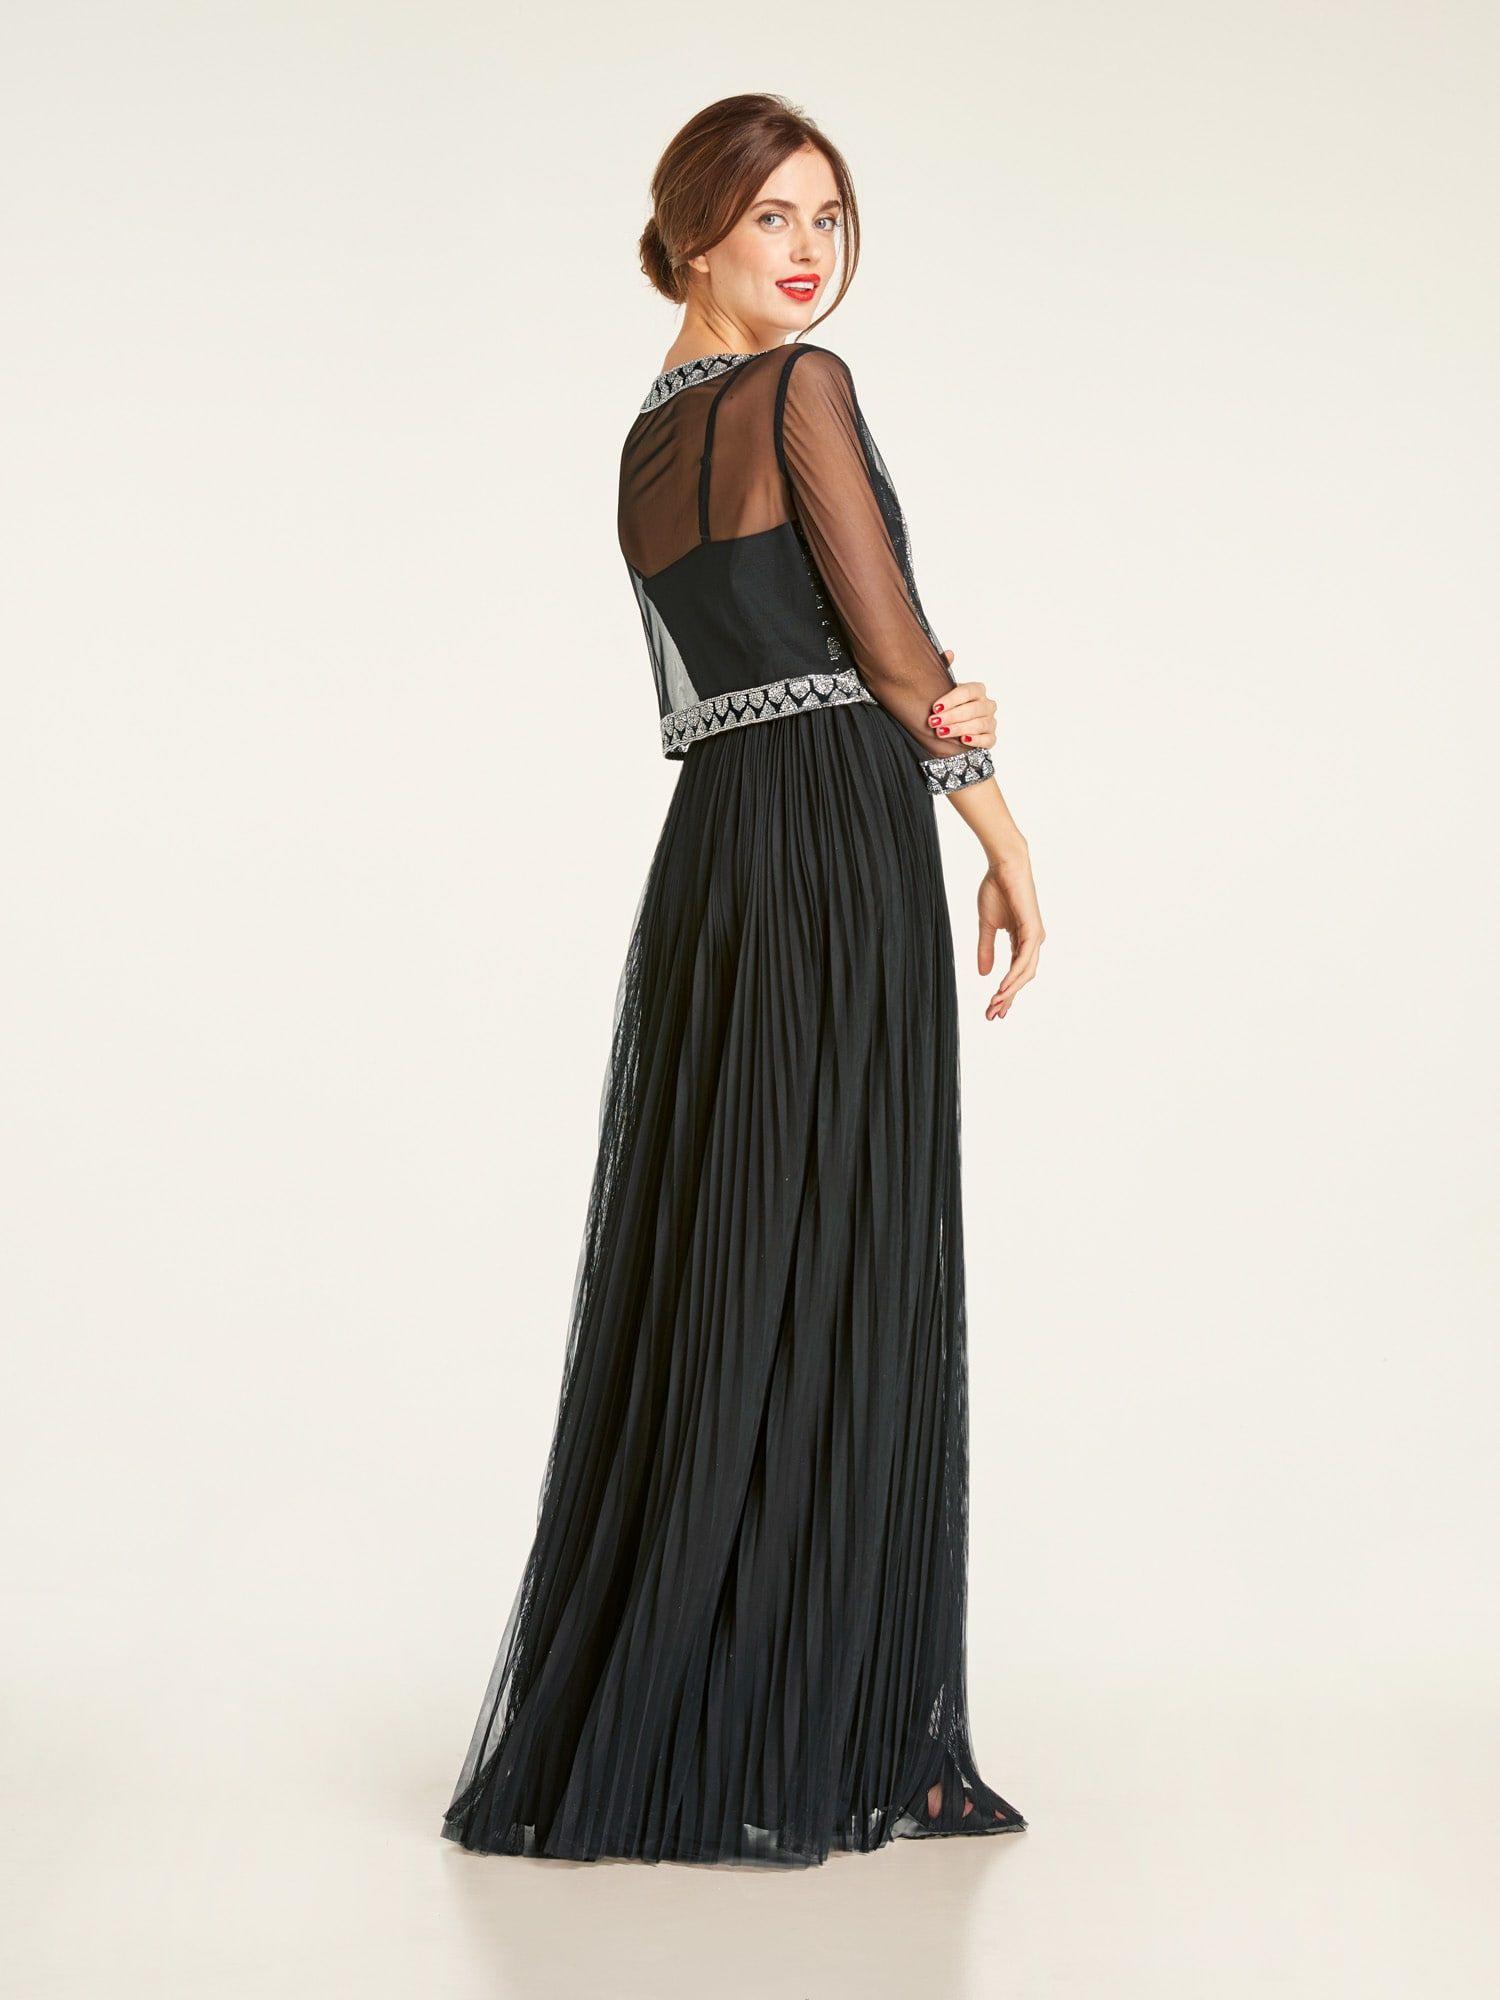 Schön Abendkleid Heine Vertrieb - Abendkleid